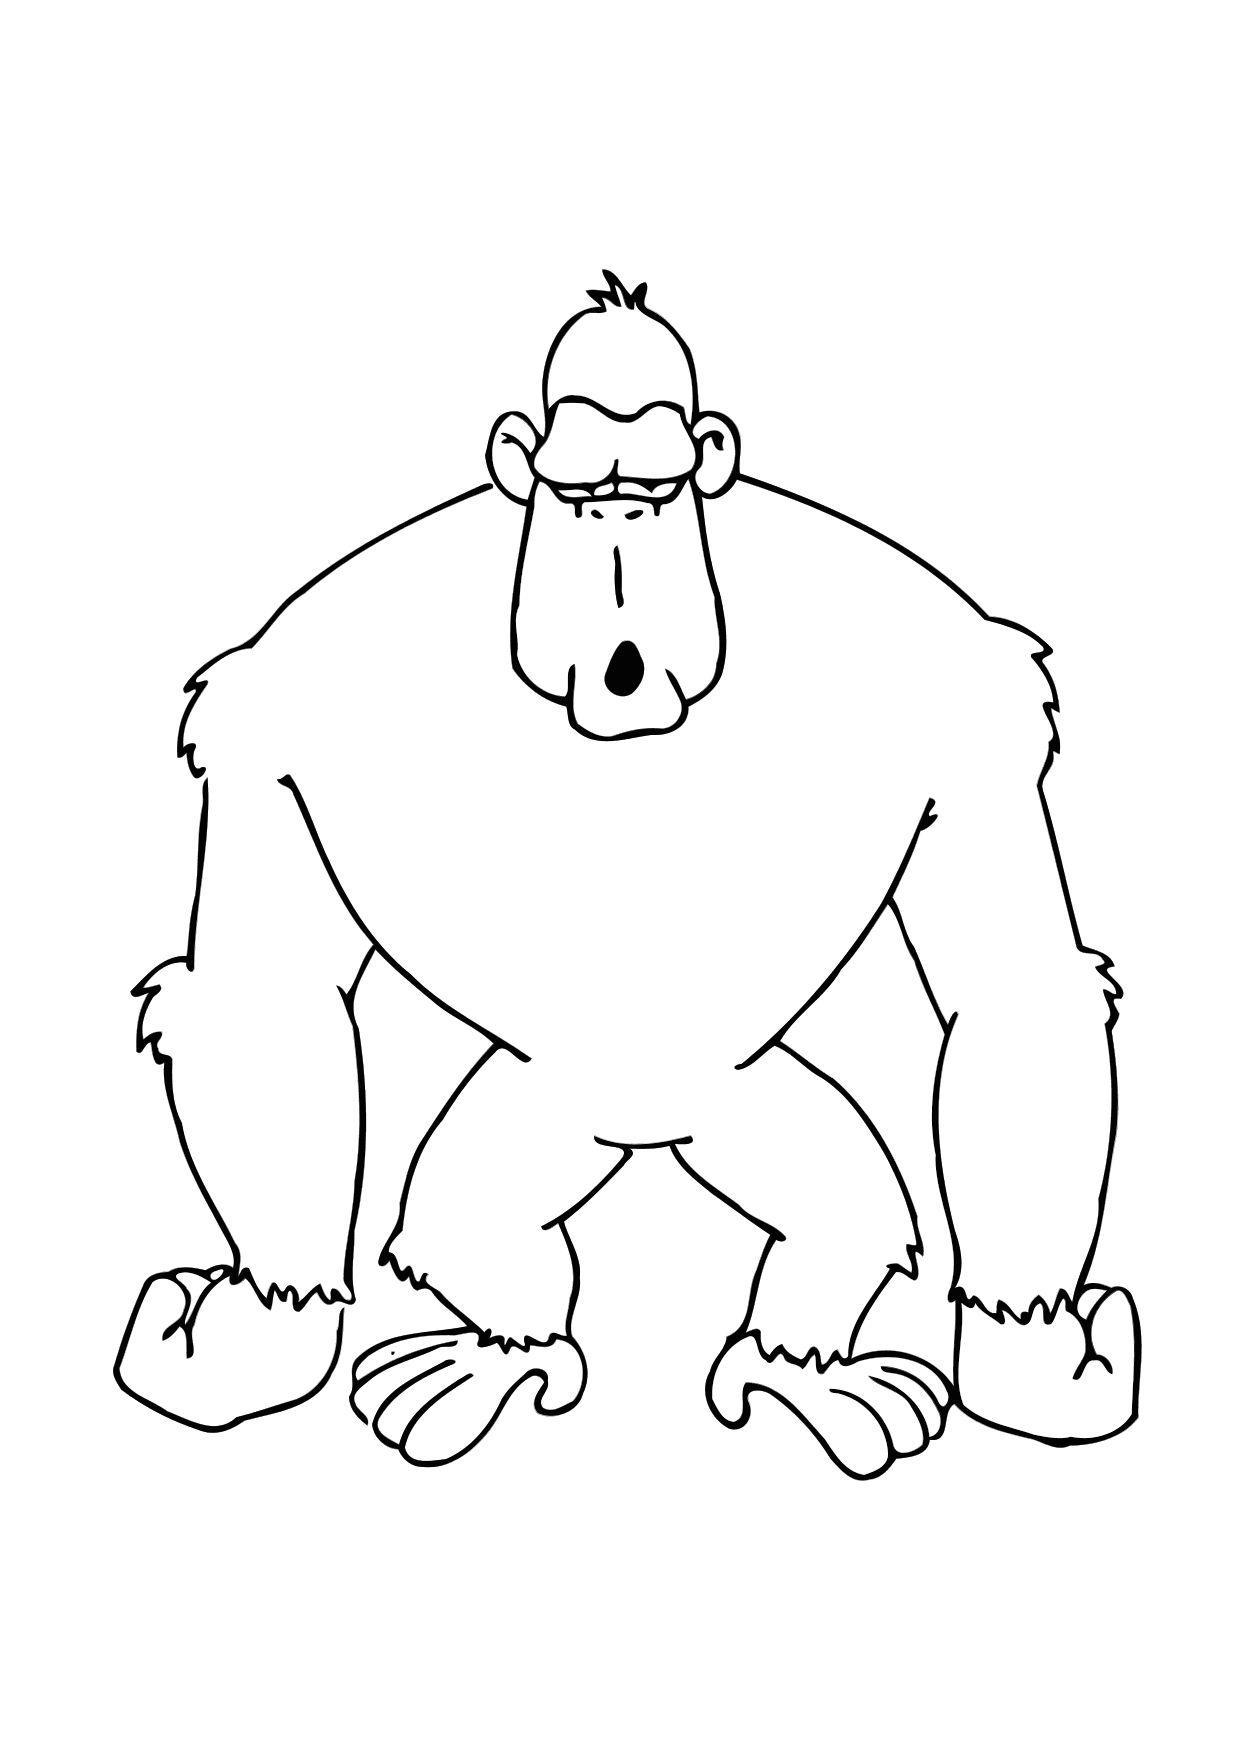 Kleurplaat Gorilla Gratis Kleurplaten Om Te Printen